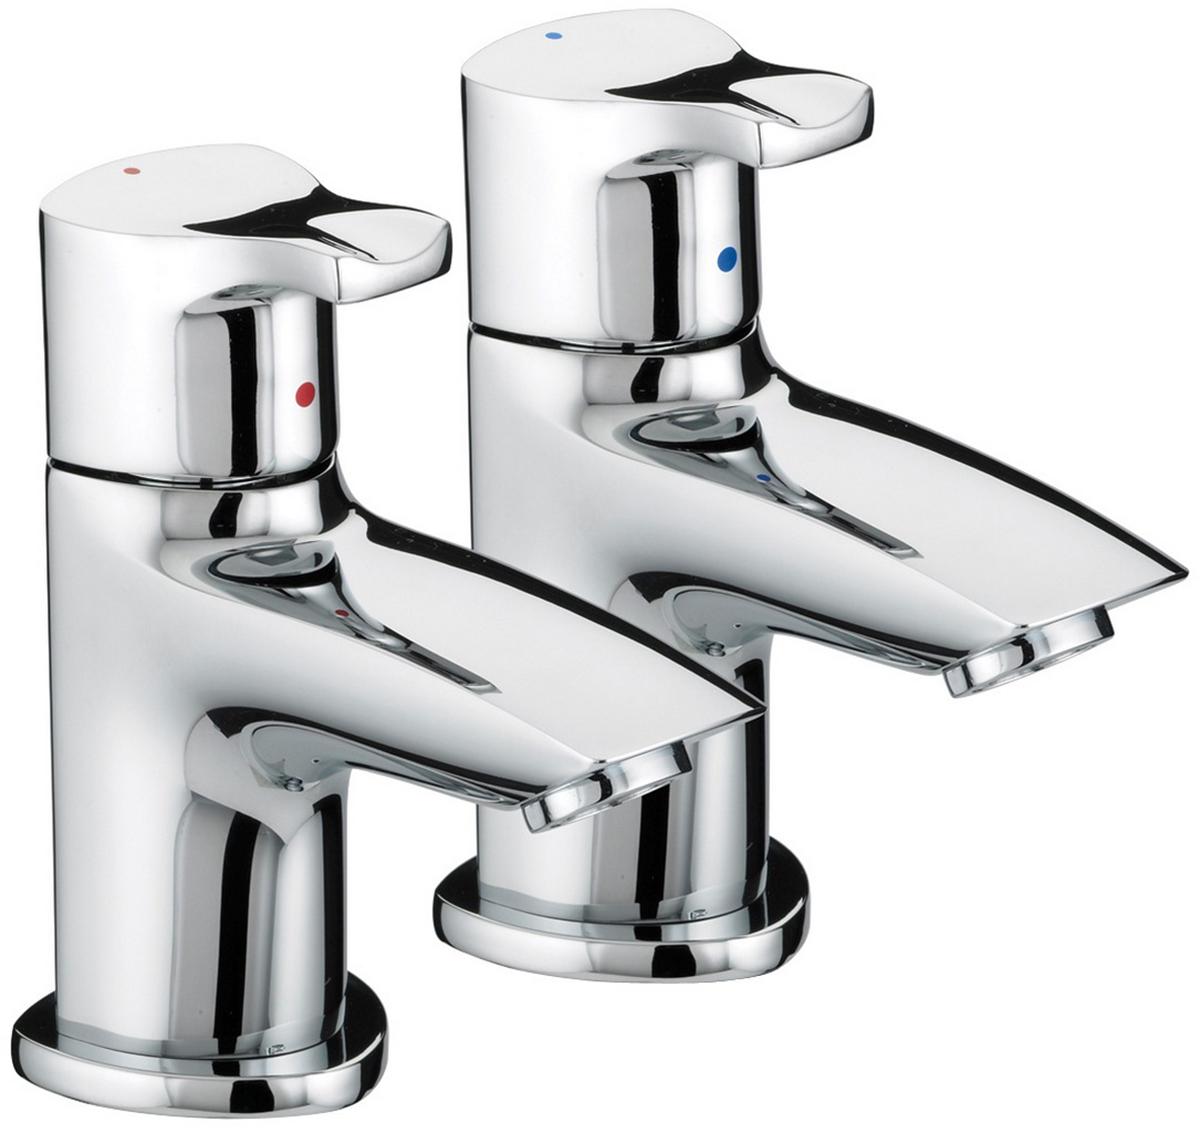 Basin Taps - 6 Litres Flow Limit